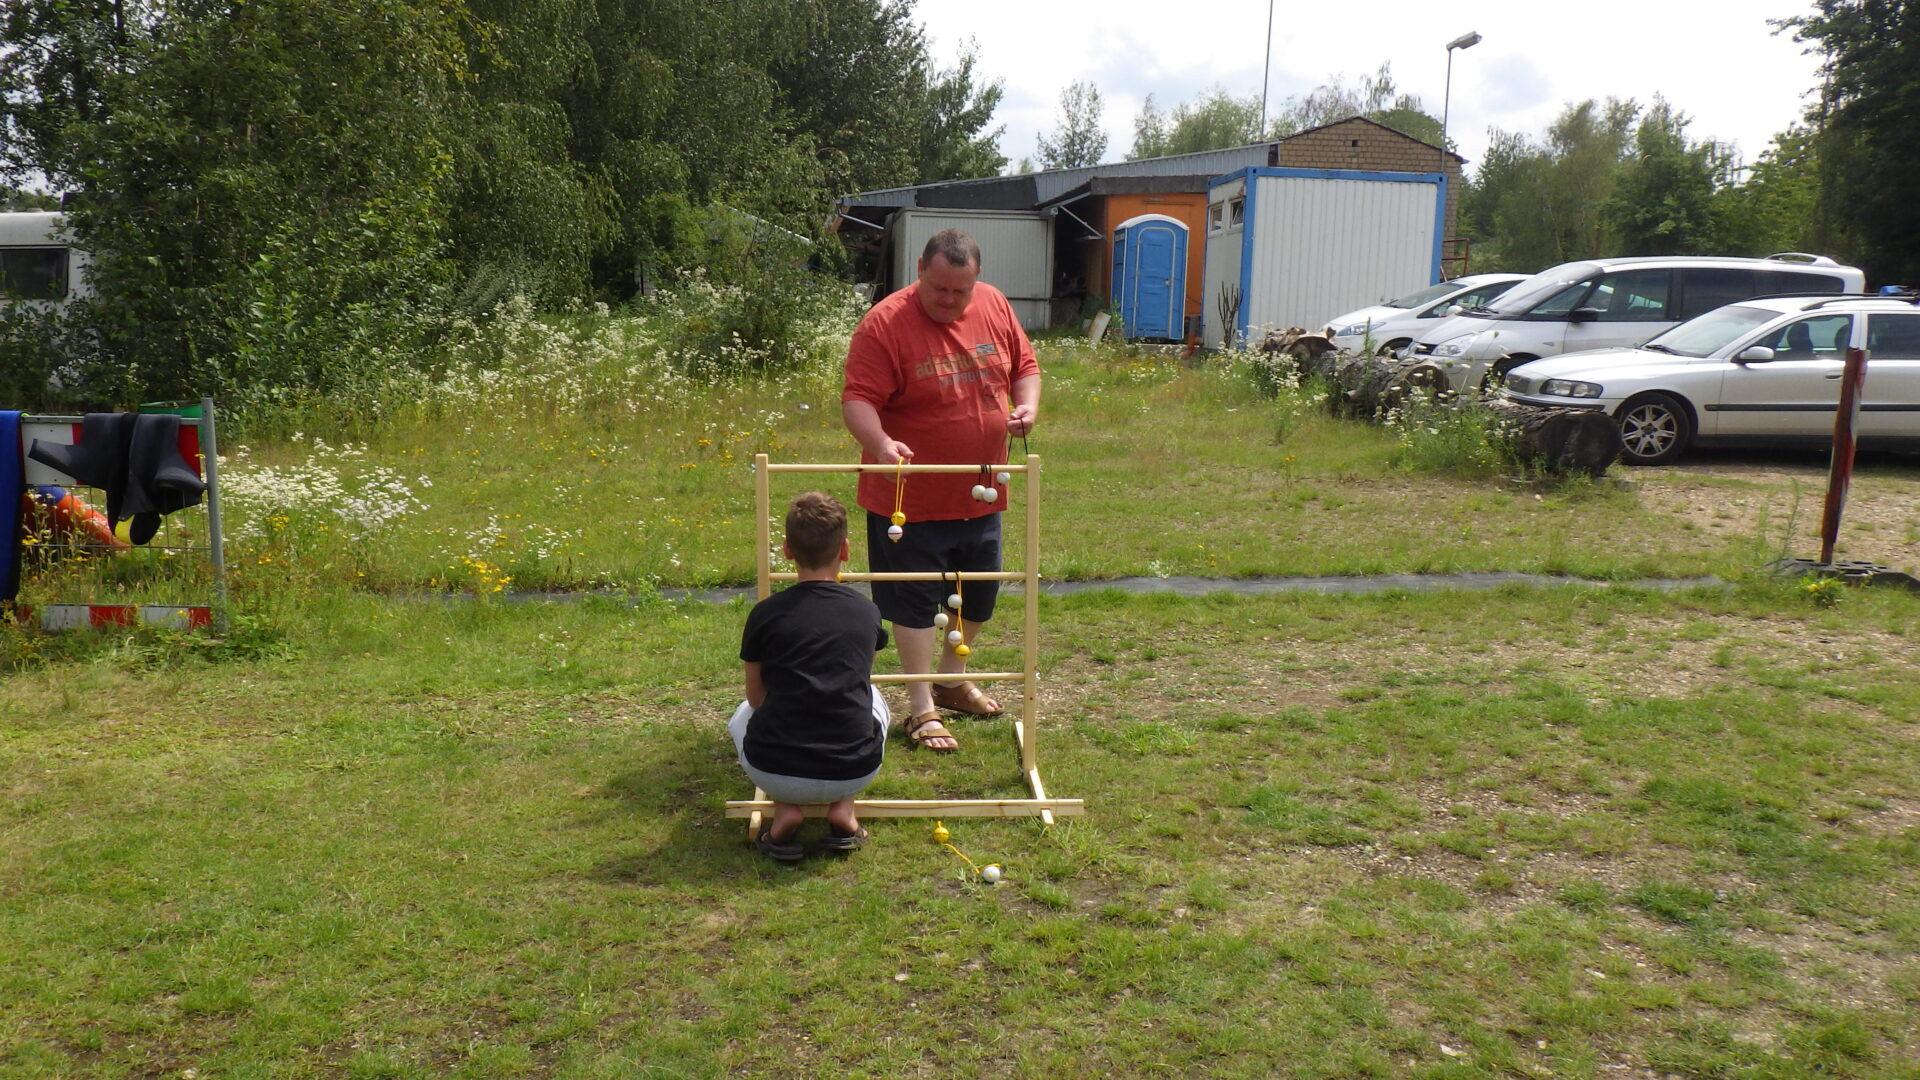 Kinder- und Jungendtauchen am 19.07 am Widdauer See